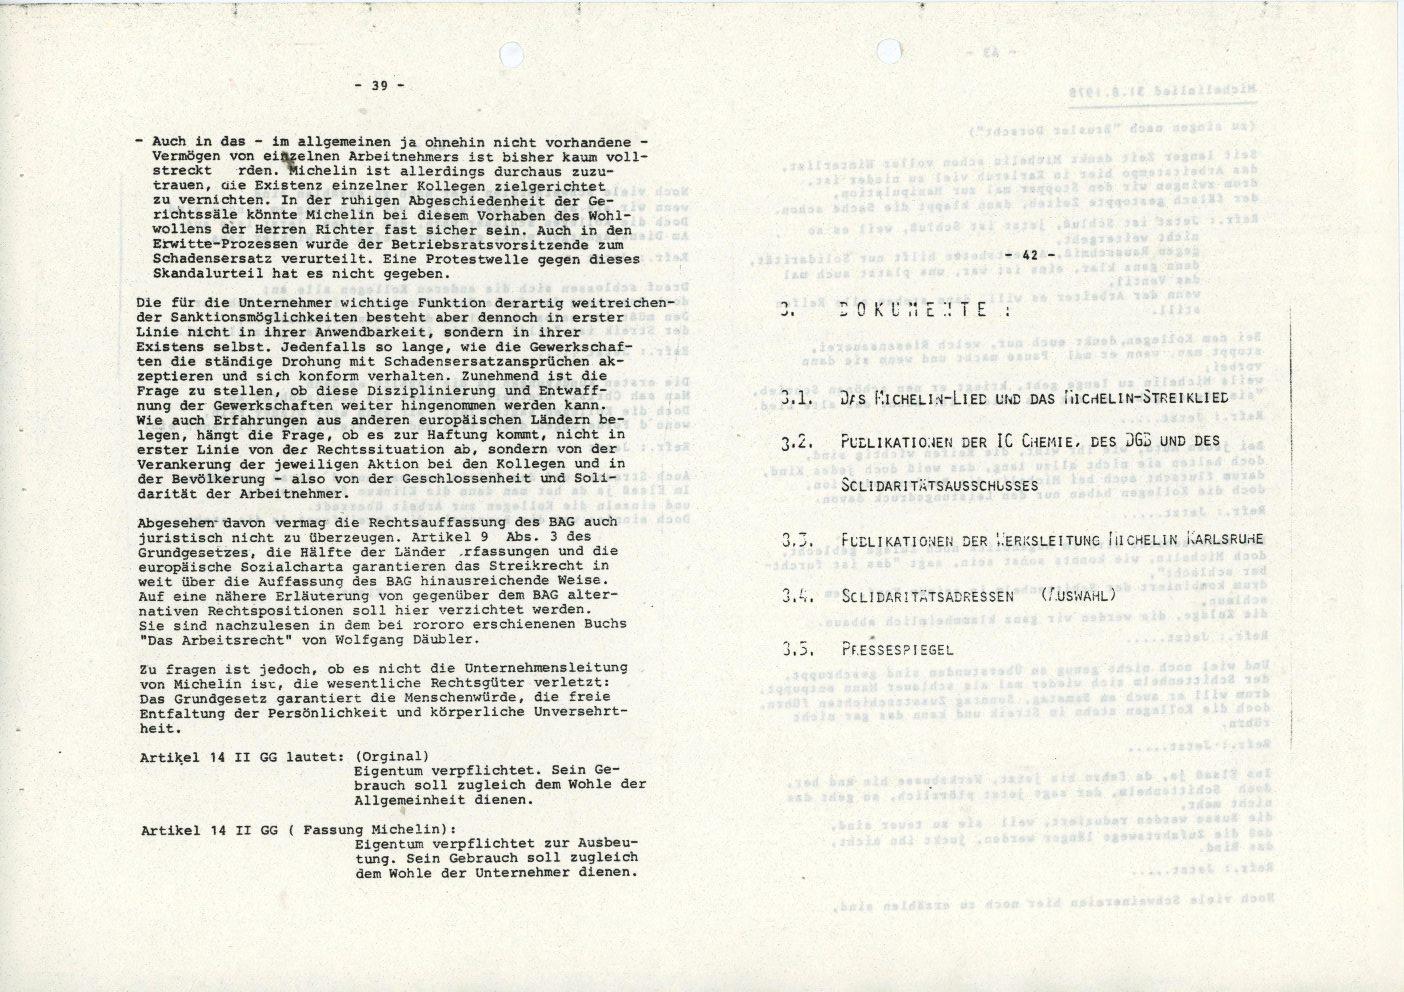 Karlsruhe_Michelin_IGCPK_Doku_zum_Arbeitskonflikt_1978_20